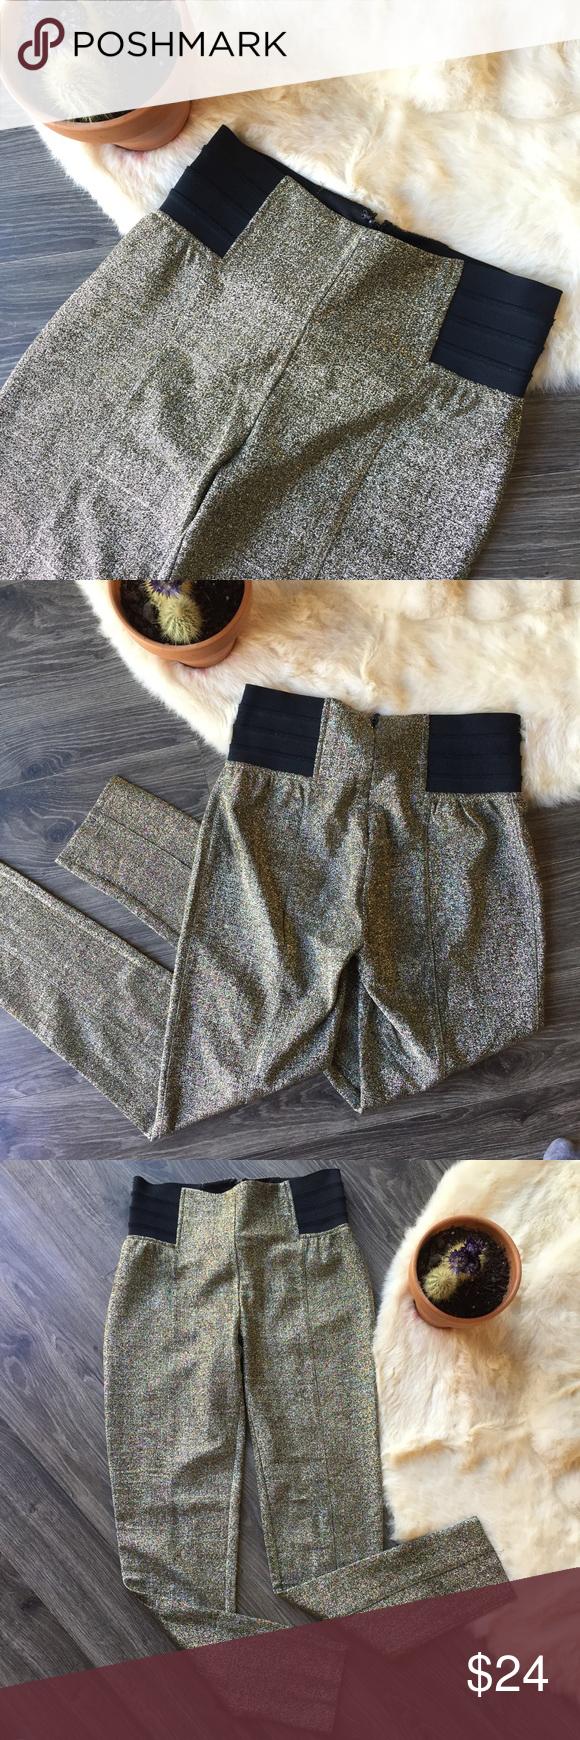 ca80c19e Forever 21 Gold sparkly leggings Forever 21 gold sparkly leggings /  stretchy pants. These would